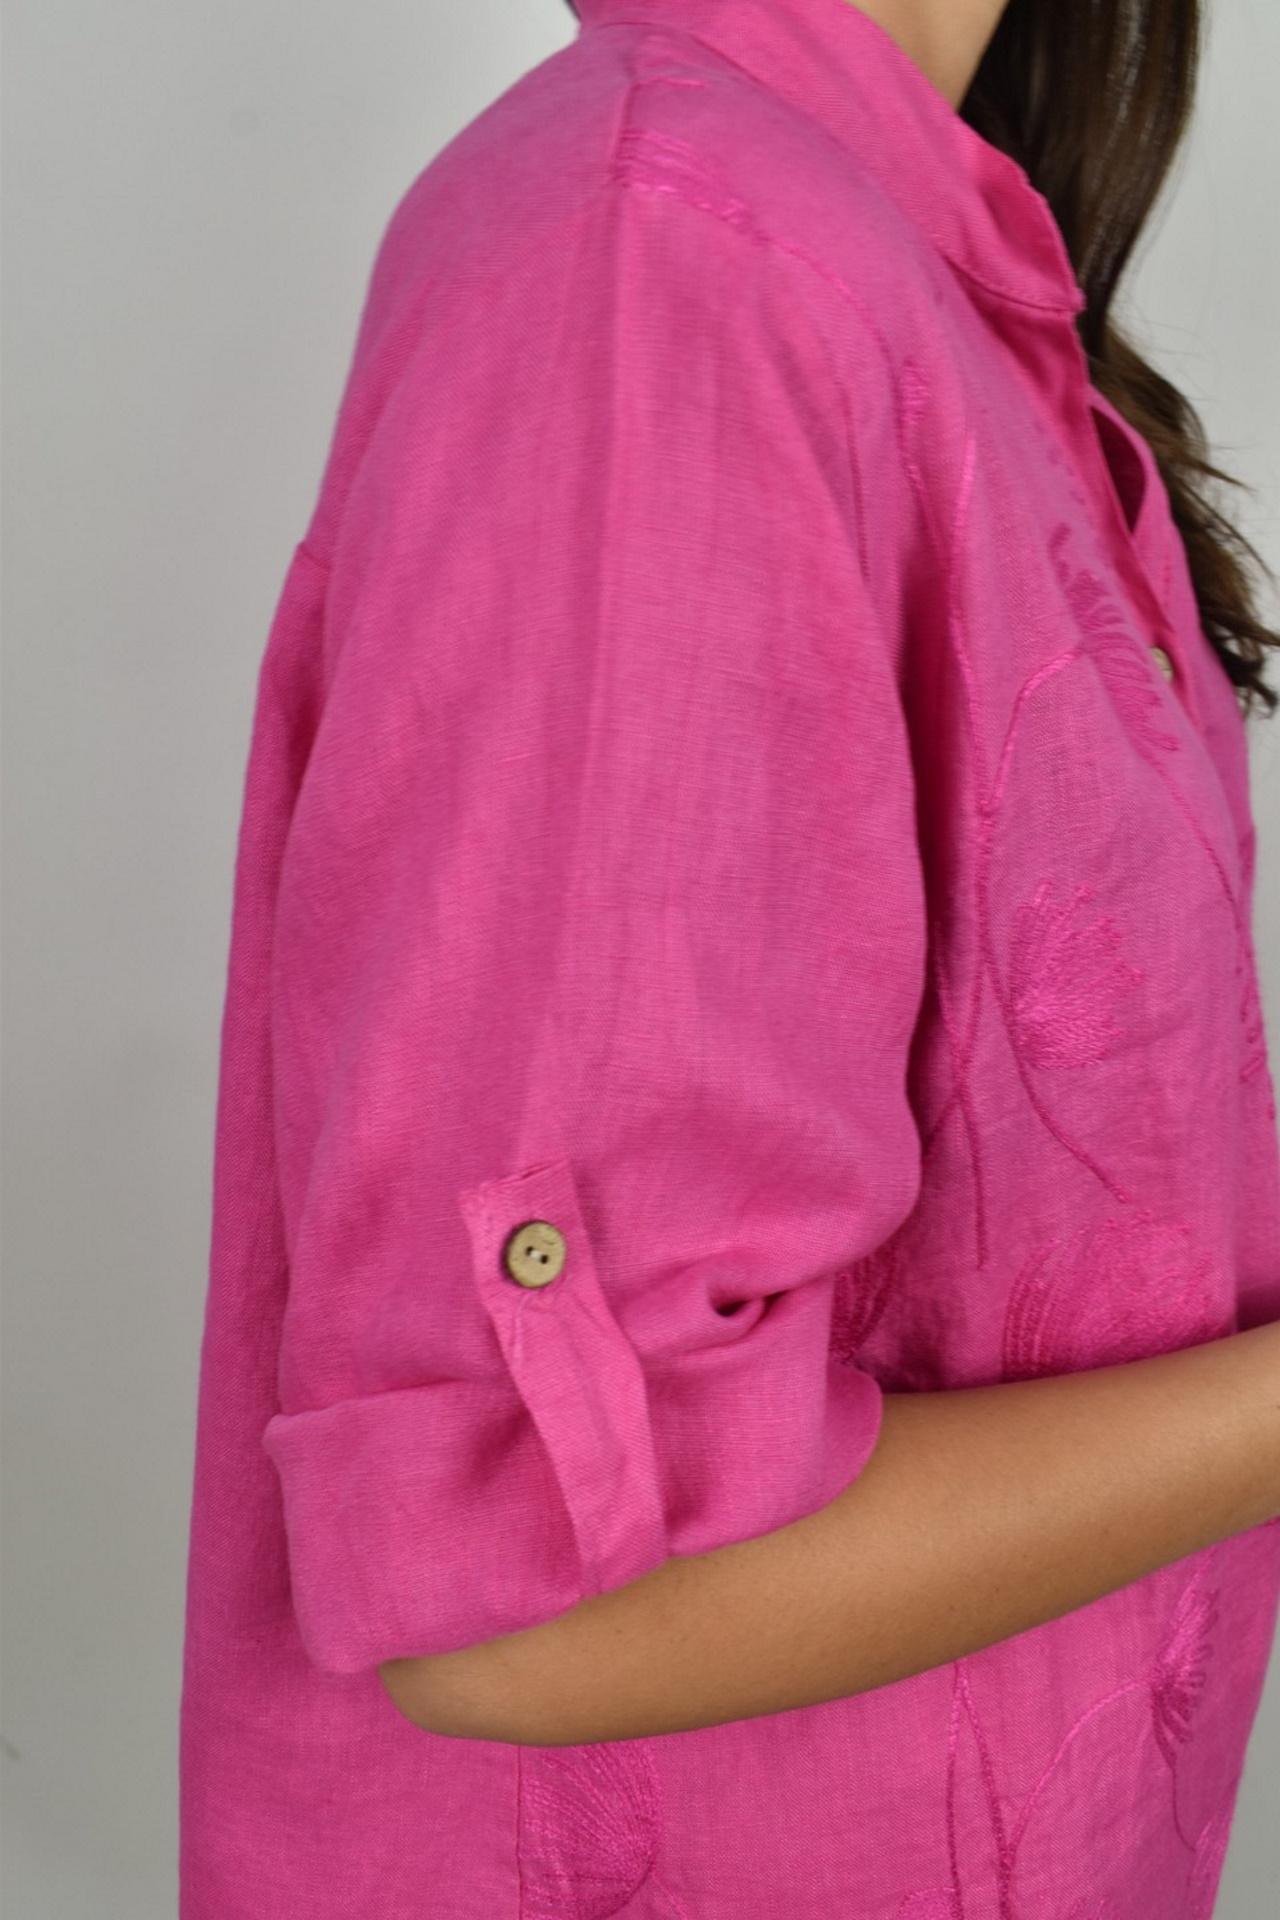 CAMMAXPE2101 FUCSIA CAMICIA DA DONNA MANICA 34 100 LINO 3 1stAmerican camicia manica 3/4 da donna 100% lino Made in Italy - vestito collo a y da spiaggia donna